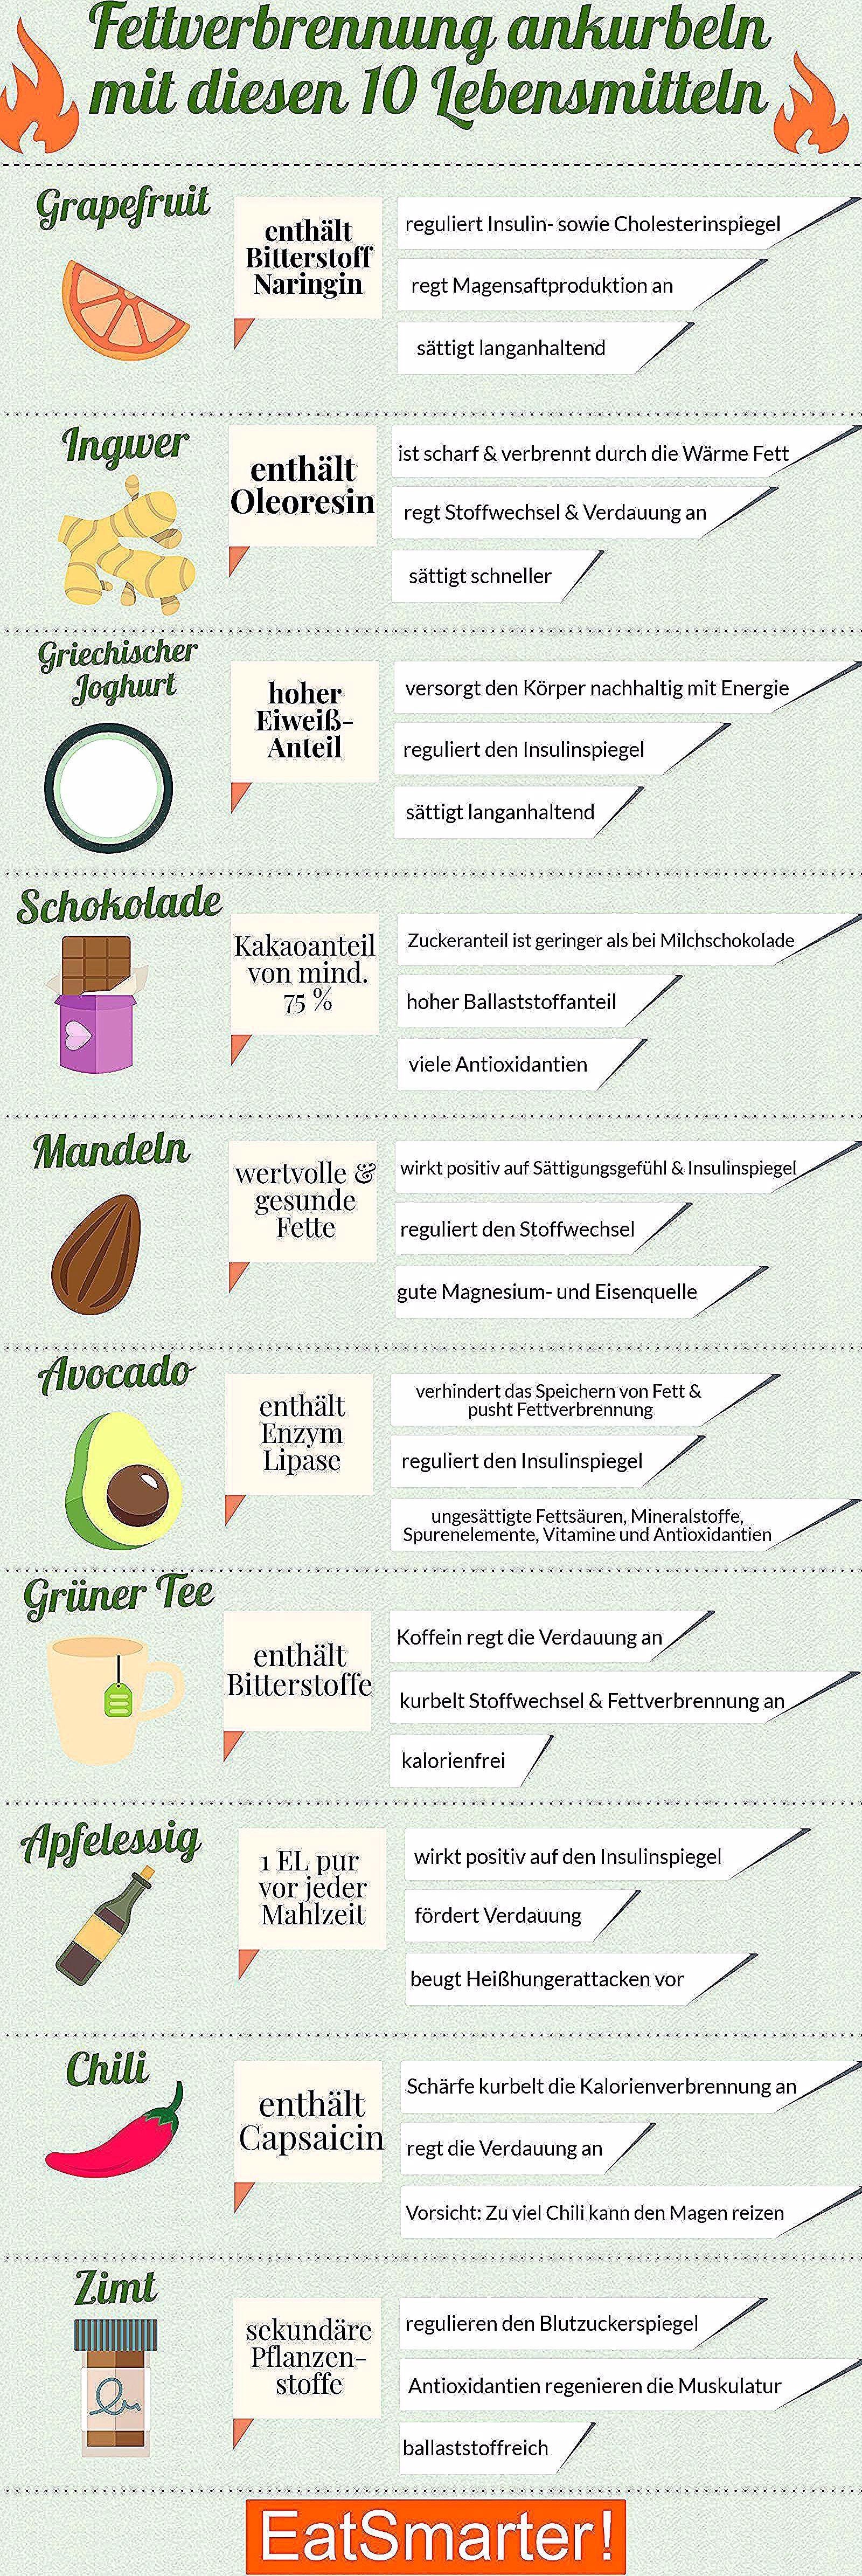 Fettverbrennung ankurbeln: Mit diesen 10 Lebensmitteln   eatsmarter.de #fettverbrennung #abnehmen #f...